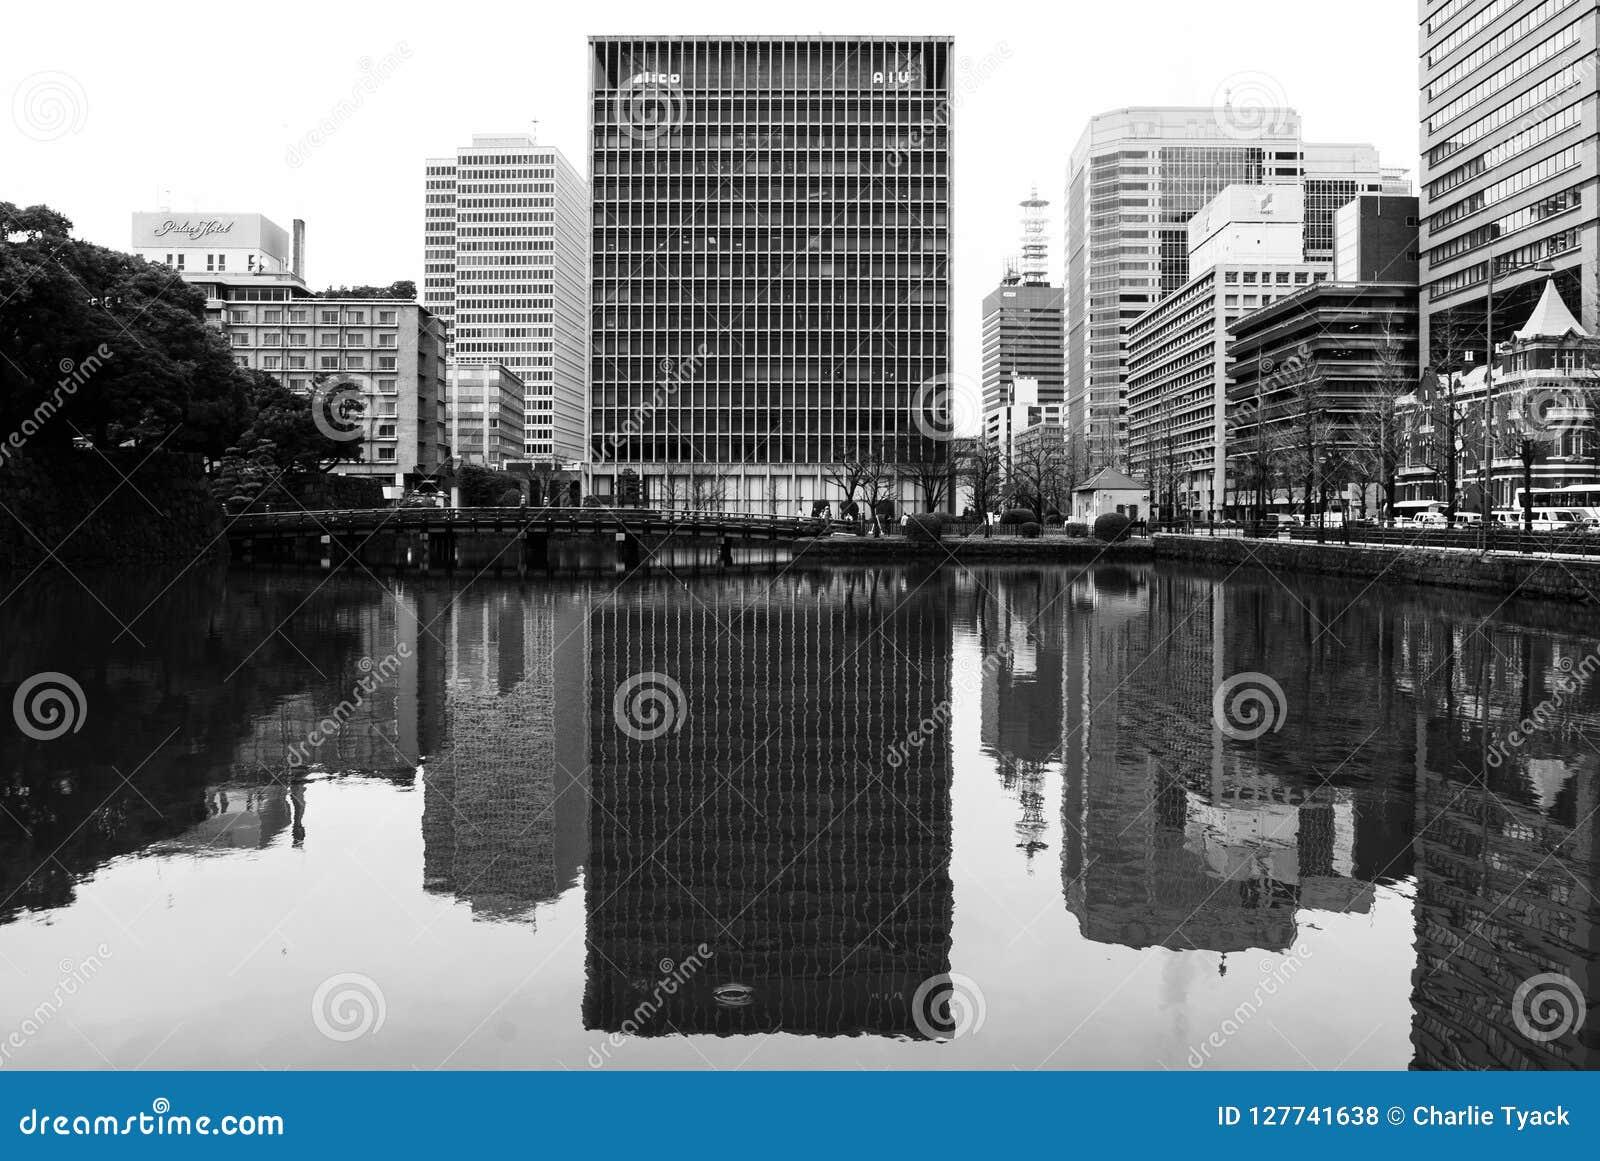 Immeuble de bureaux ayant beaucoup d étages de Tokyo - noir et blanc